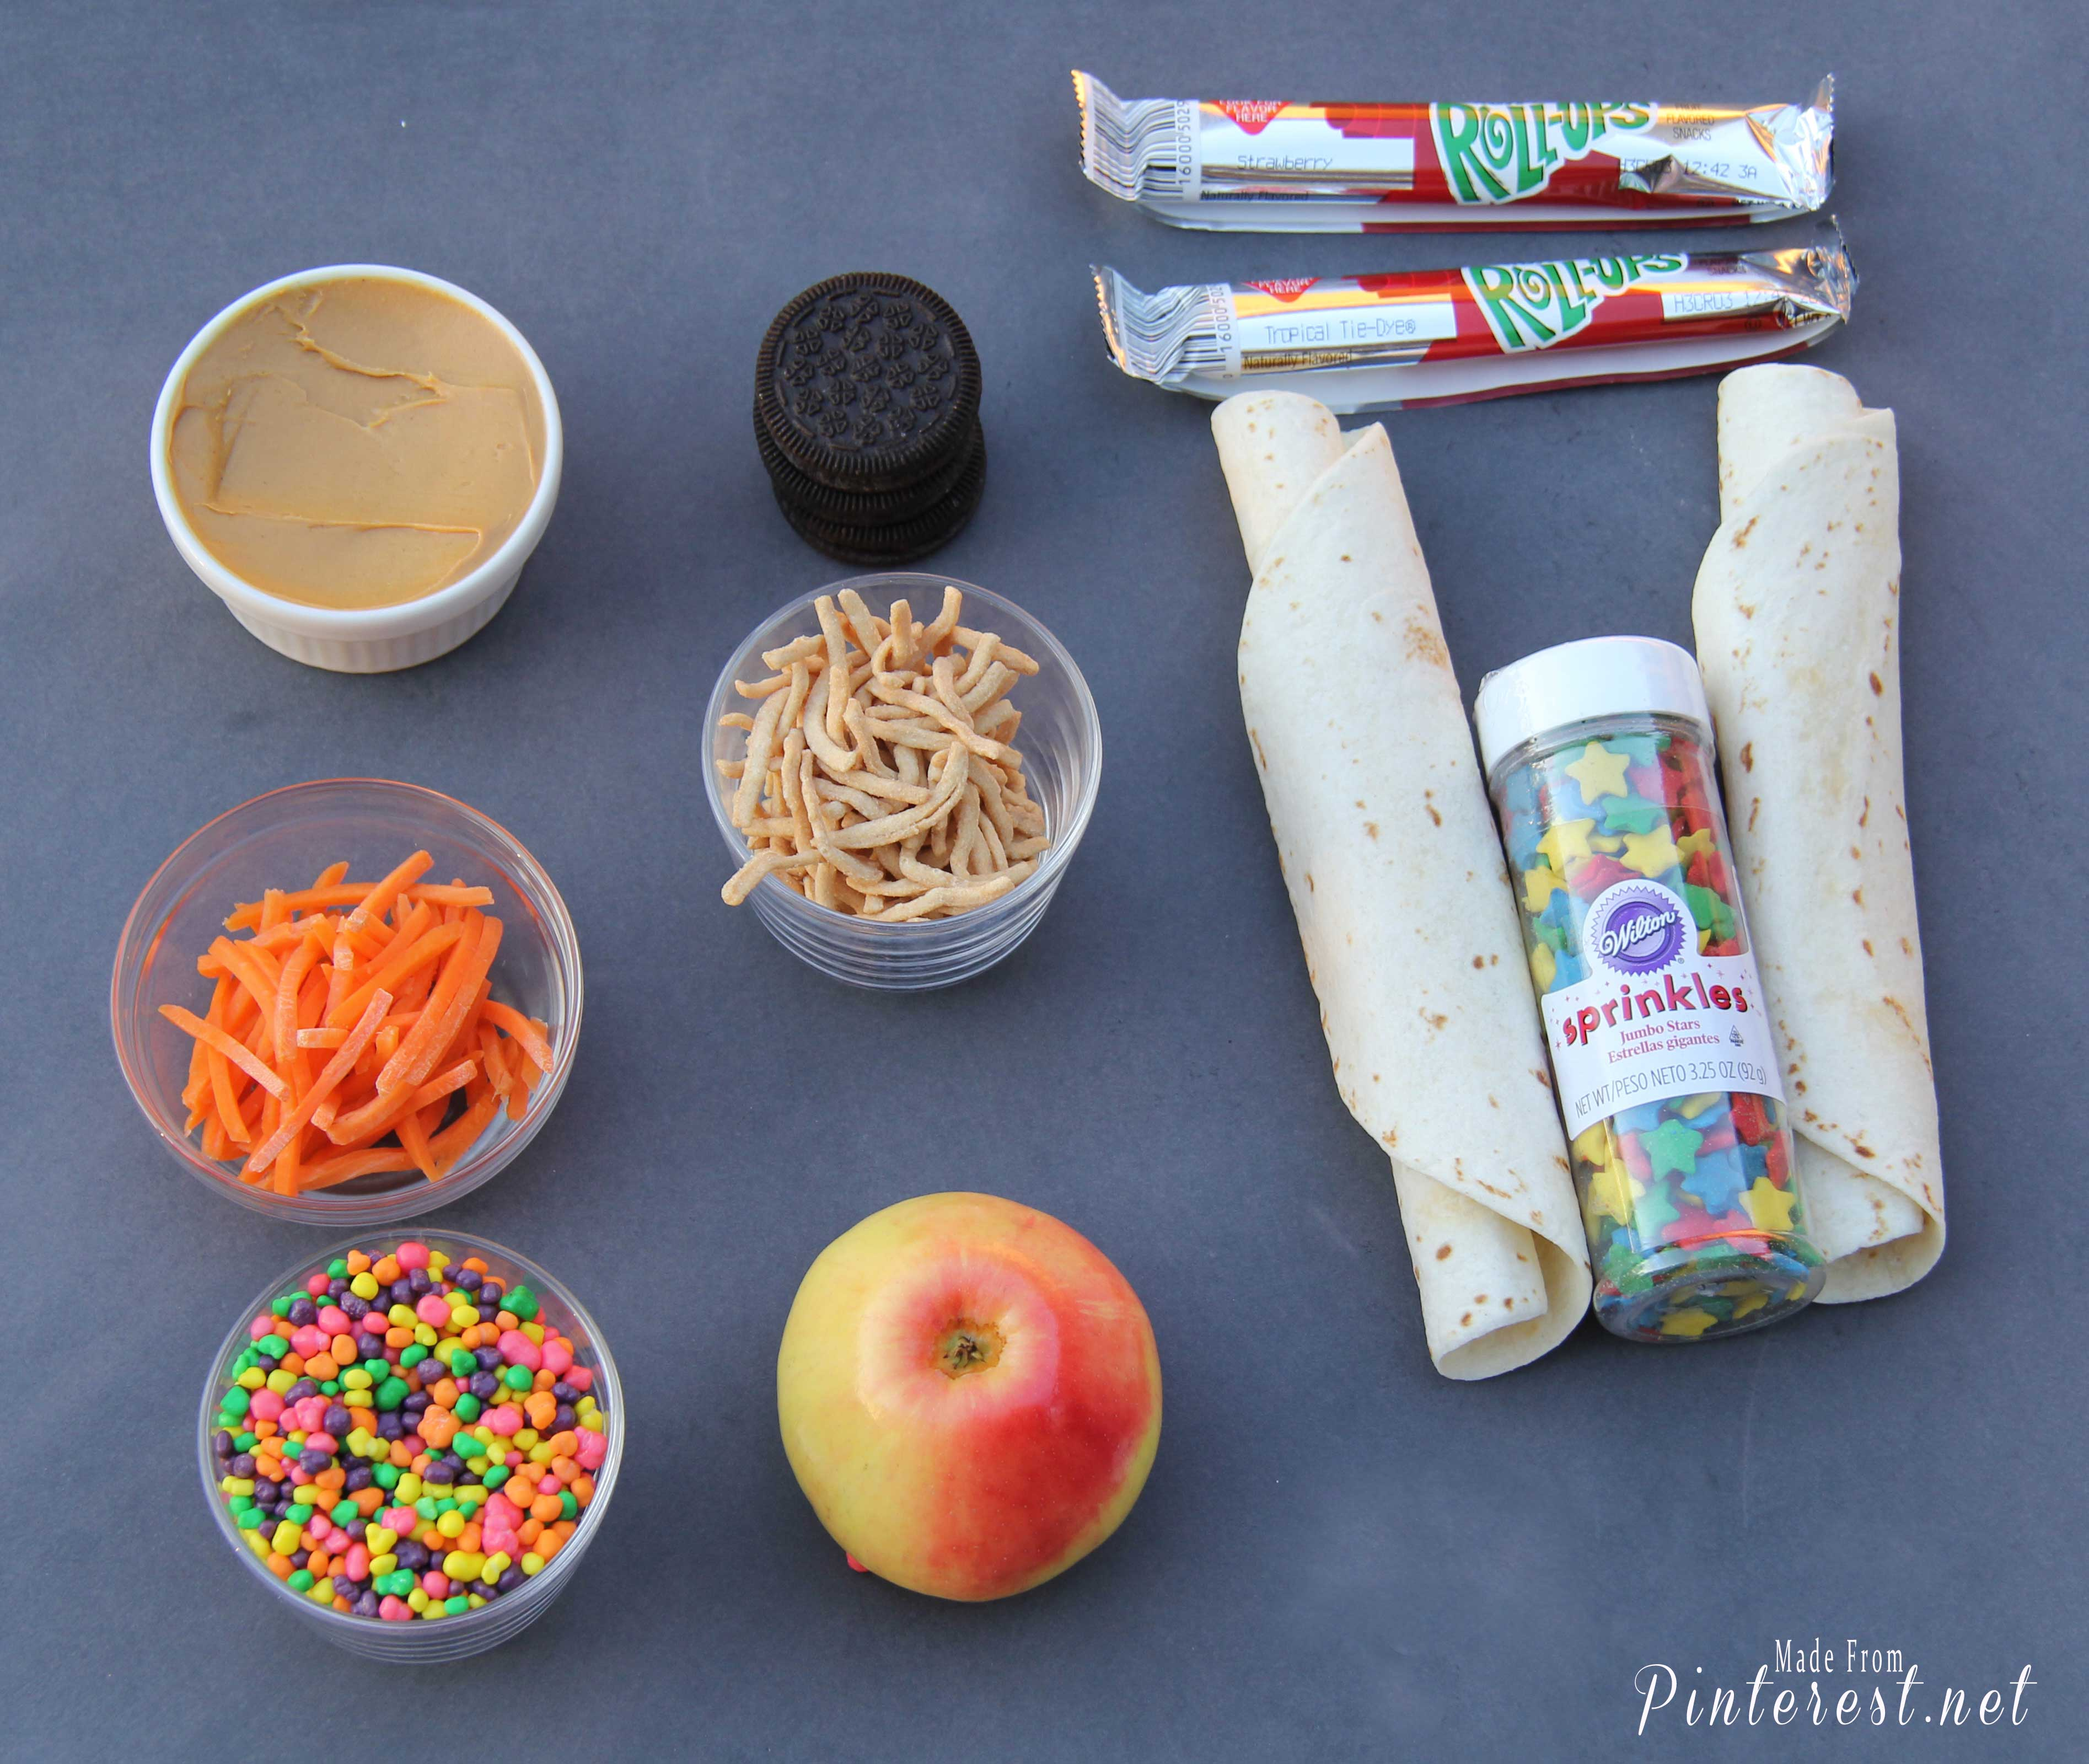 Healthy Slumber Party Snacks